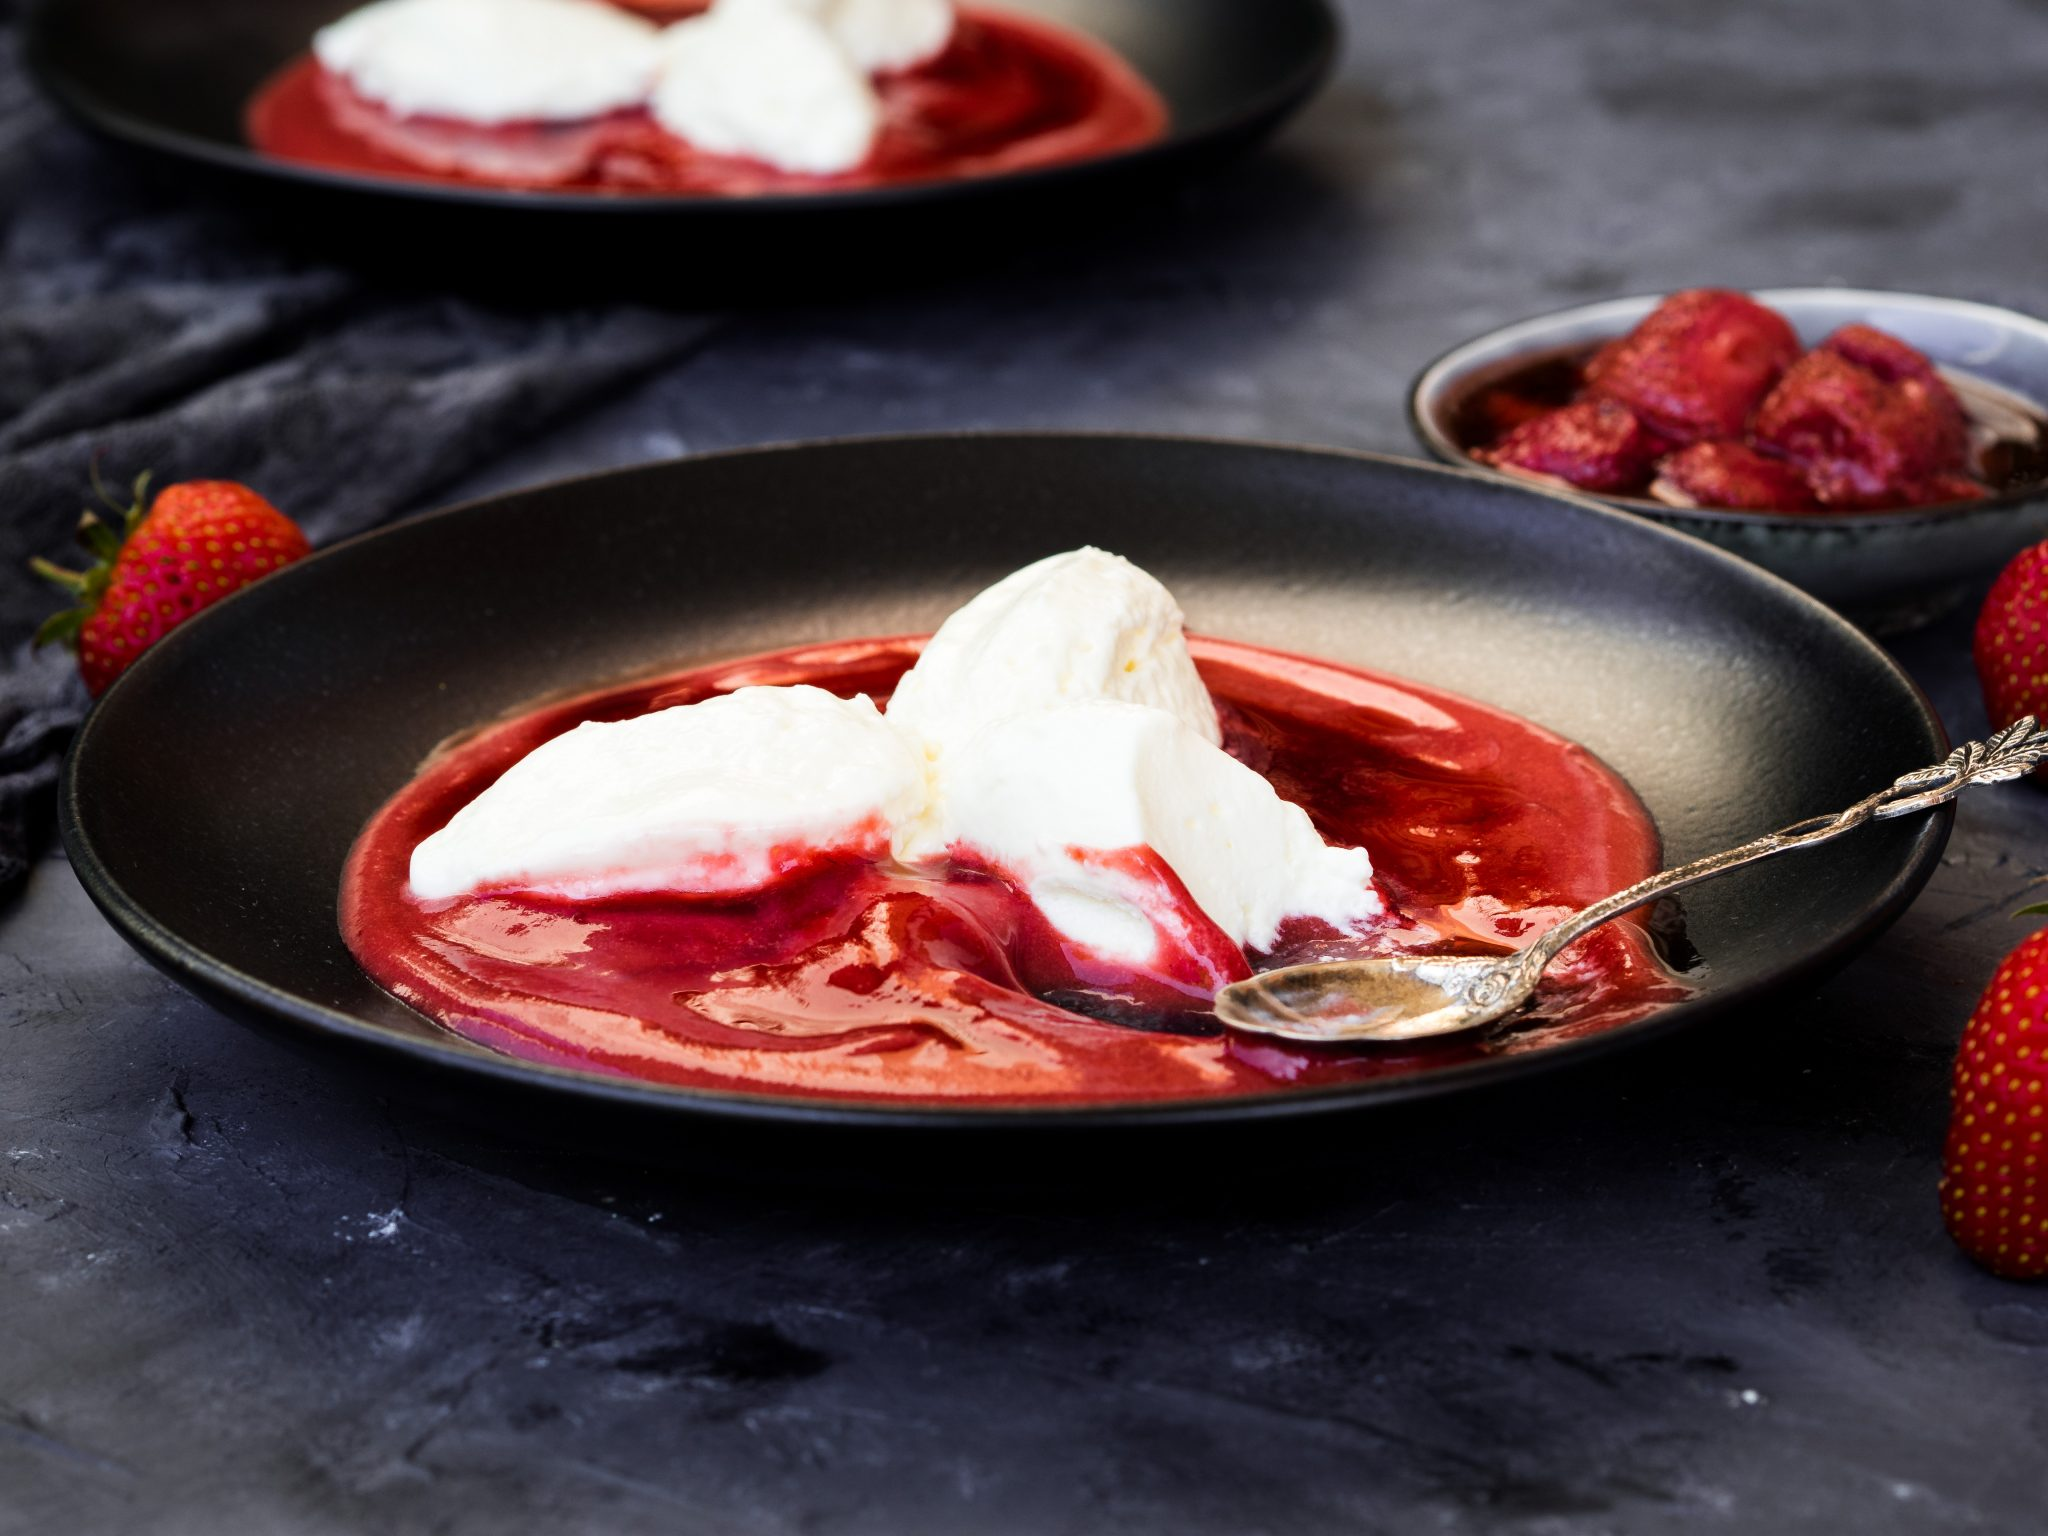 Topfennockerl mit geröstetem Erdbeerspiegel